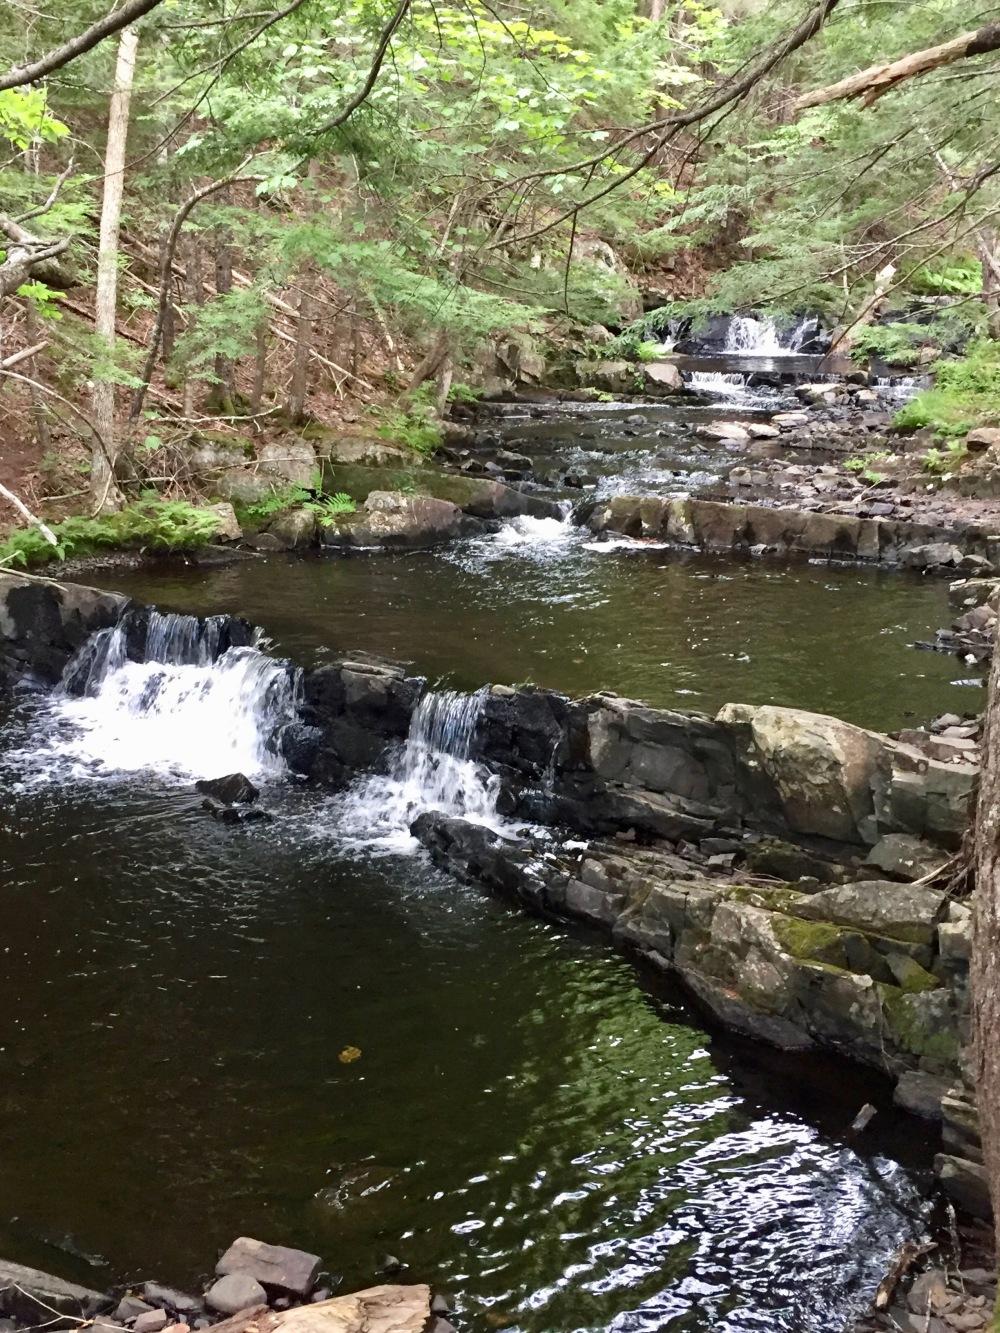 Ettinger Falls, Three Mile Plains, Nova Scotia - River behind the falls